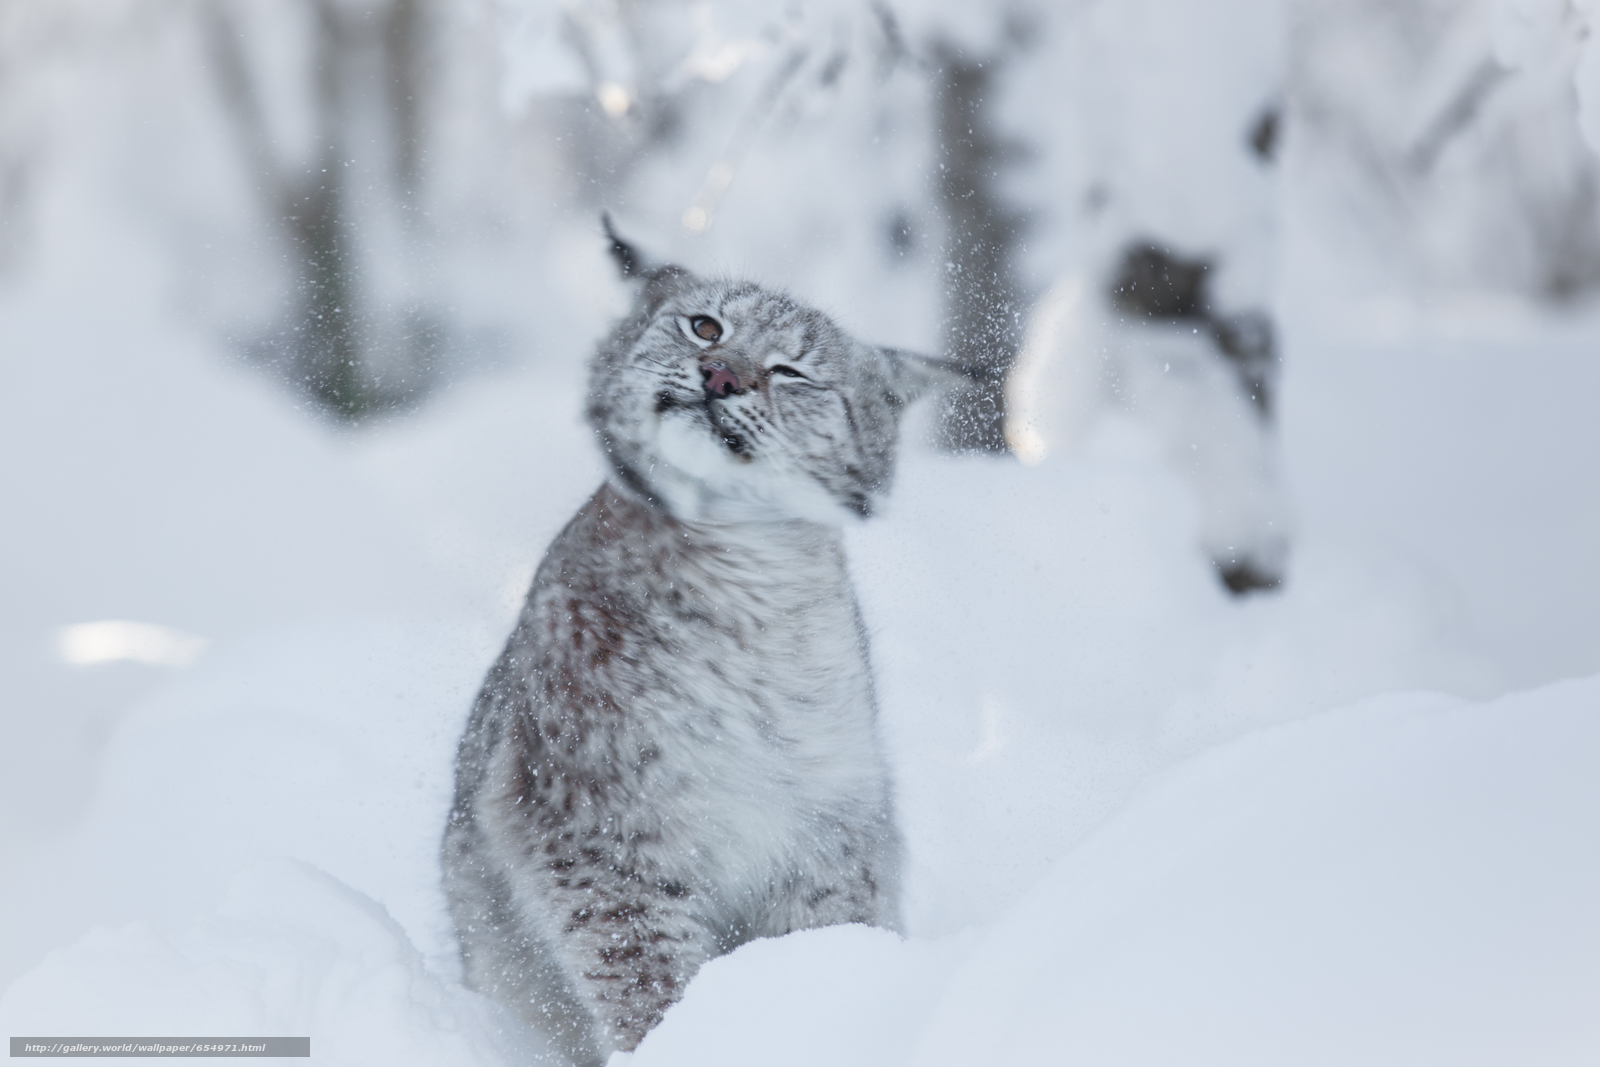 下载壁纸 猞猁,  山猫,  rysenok,  猫 免费为您的桌面分辨率的壁纸 5247x3498 — 图片 №654971